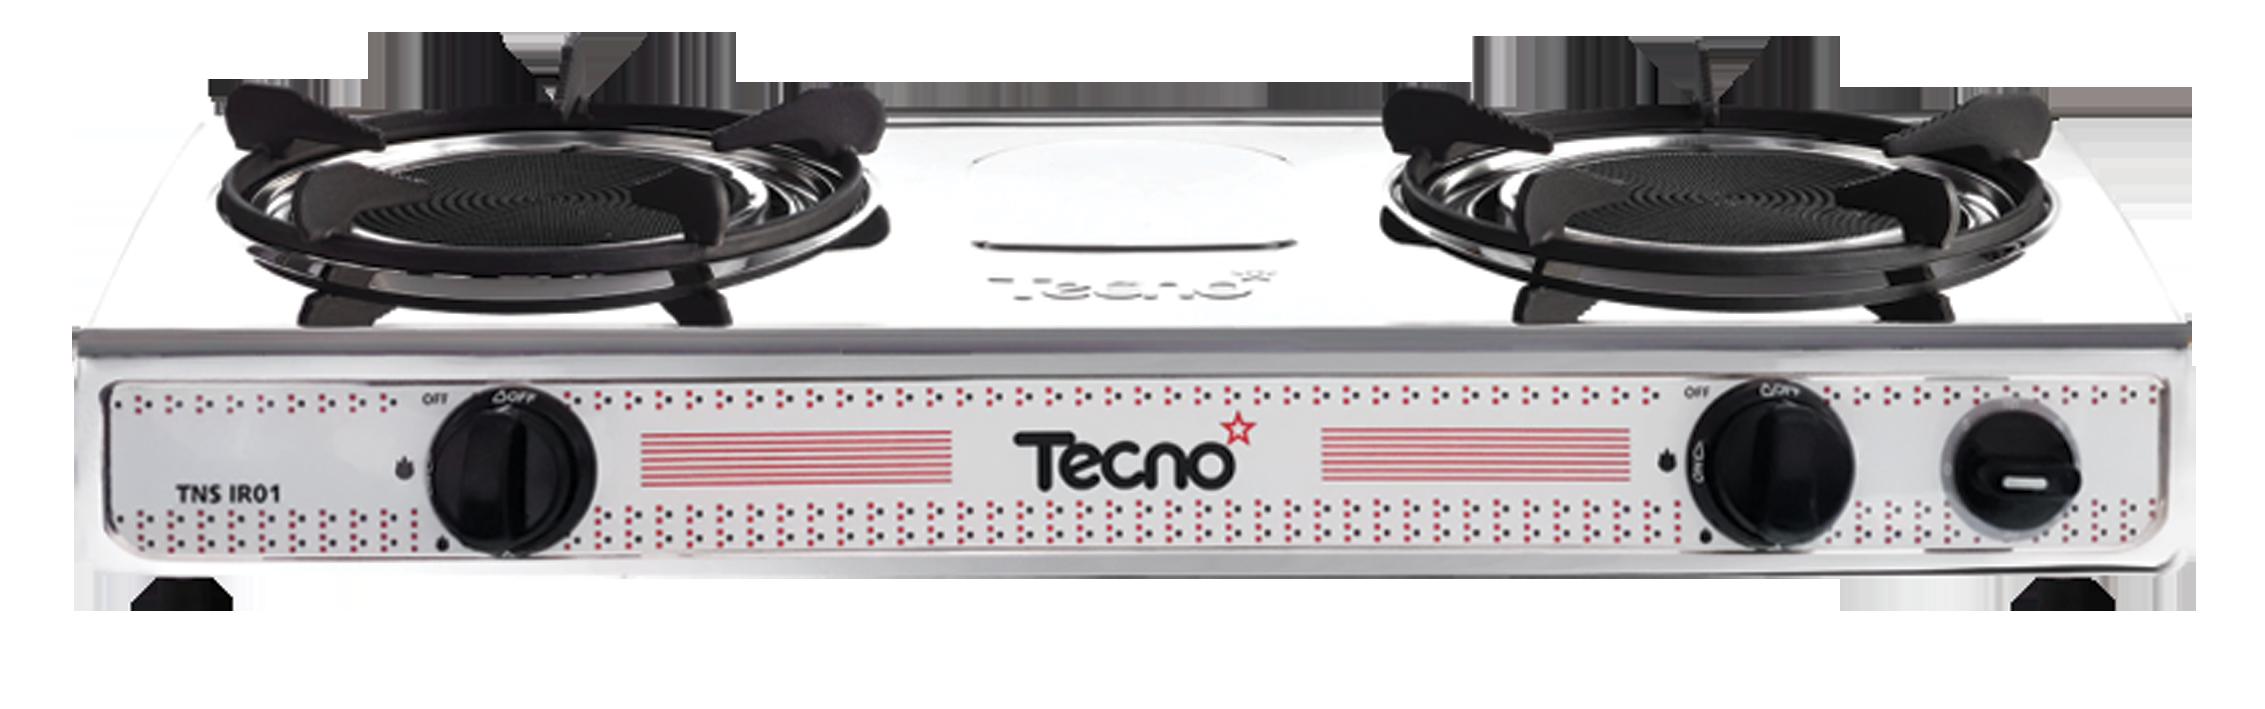 เตาแก๊ส Tecnogas รุ่นTNS IR 01(.01)